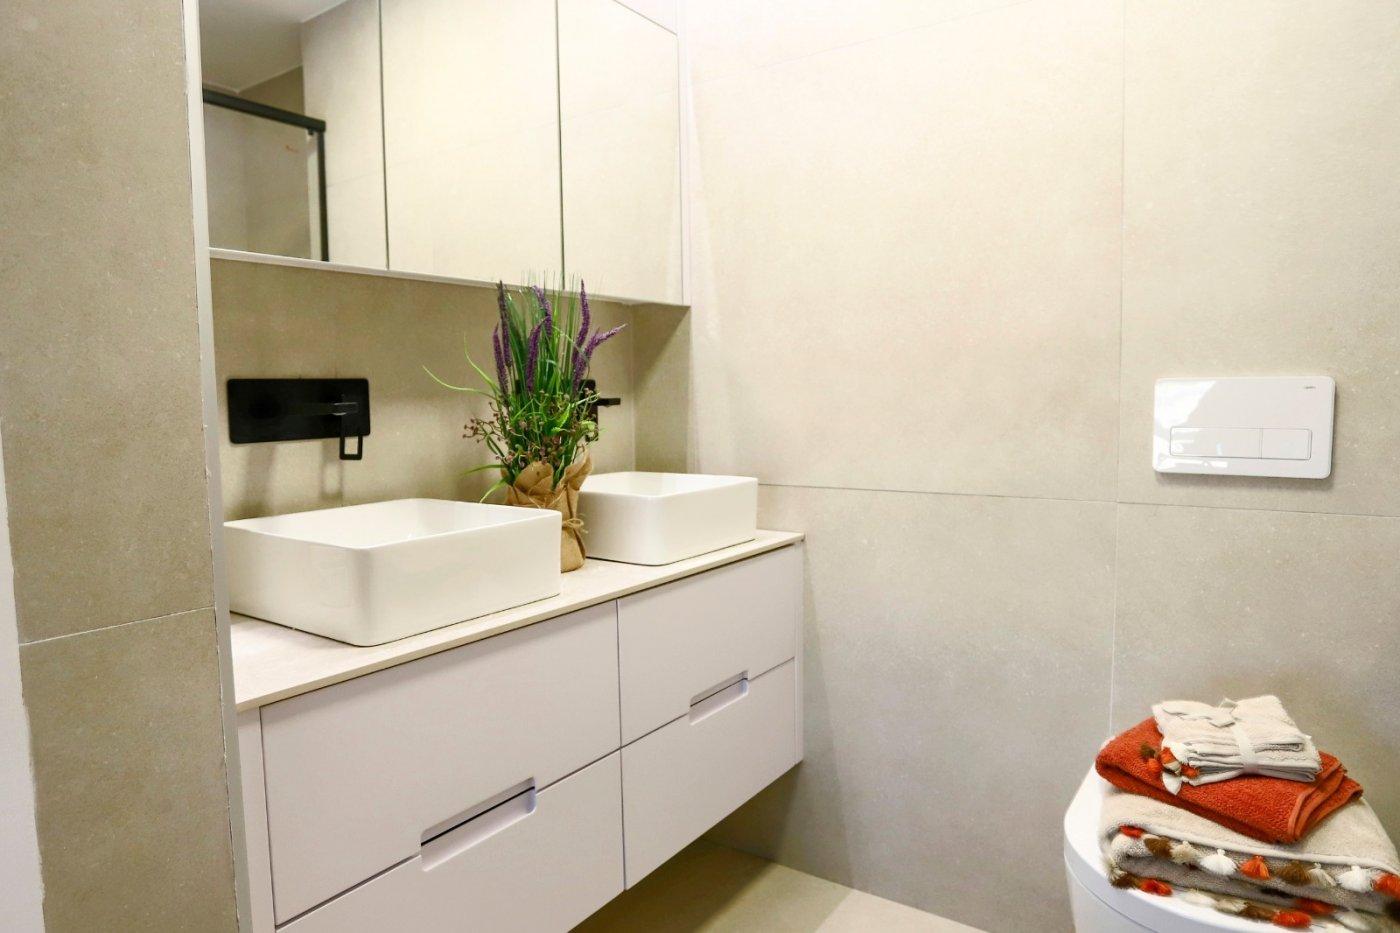 Apartamento moderno en san pedro del pinatar - imagenInmueble14